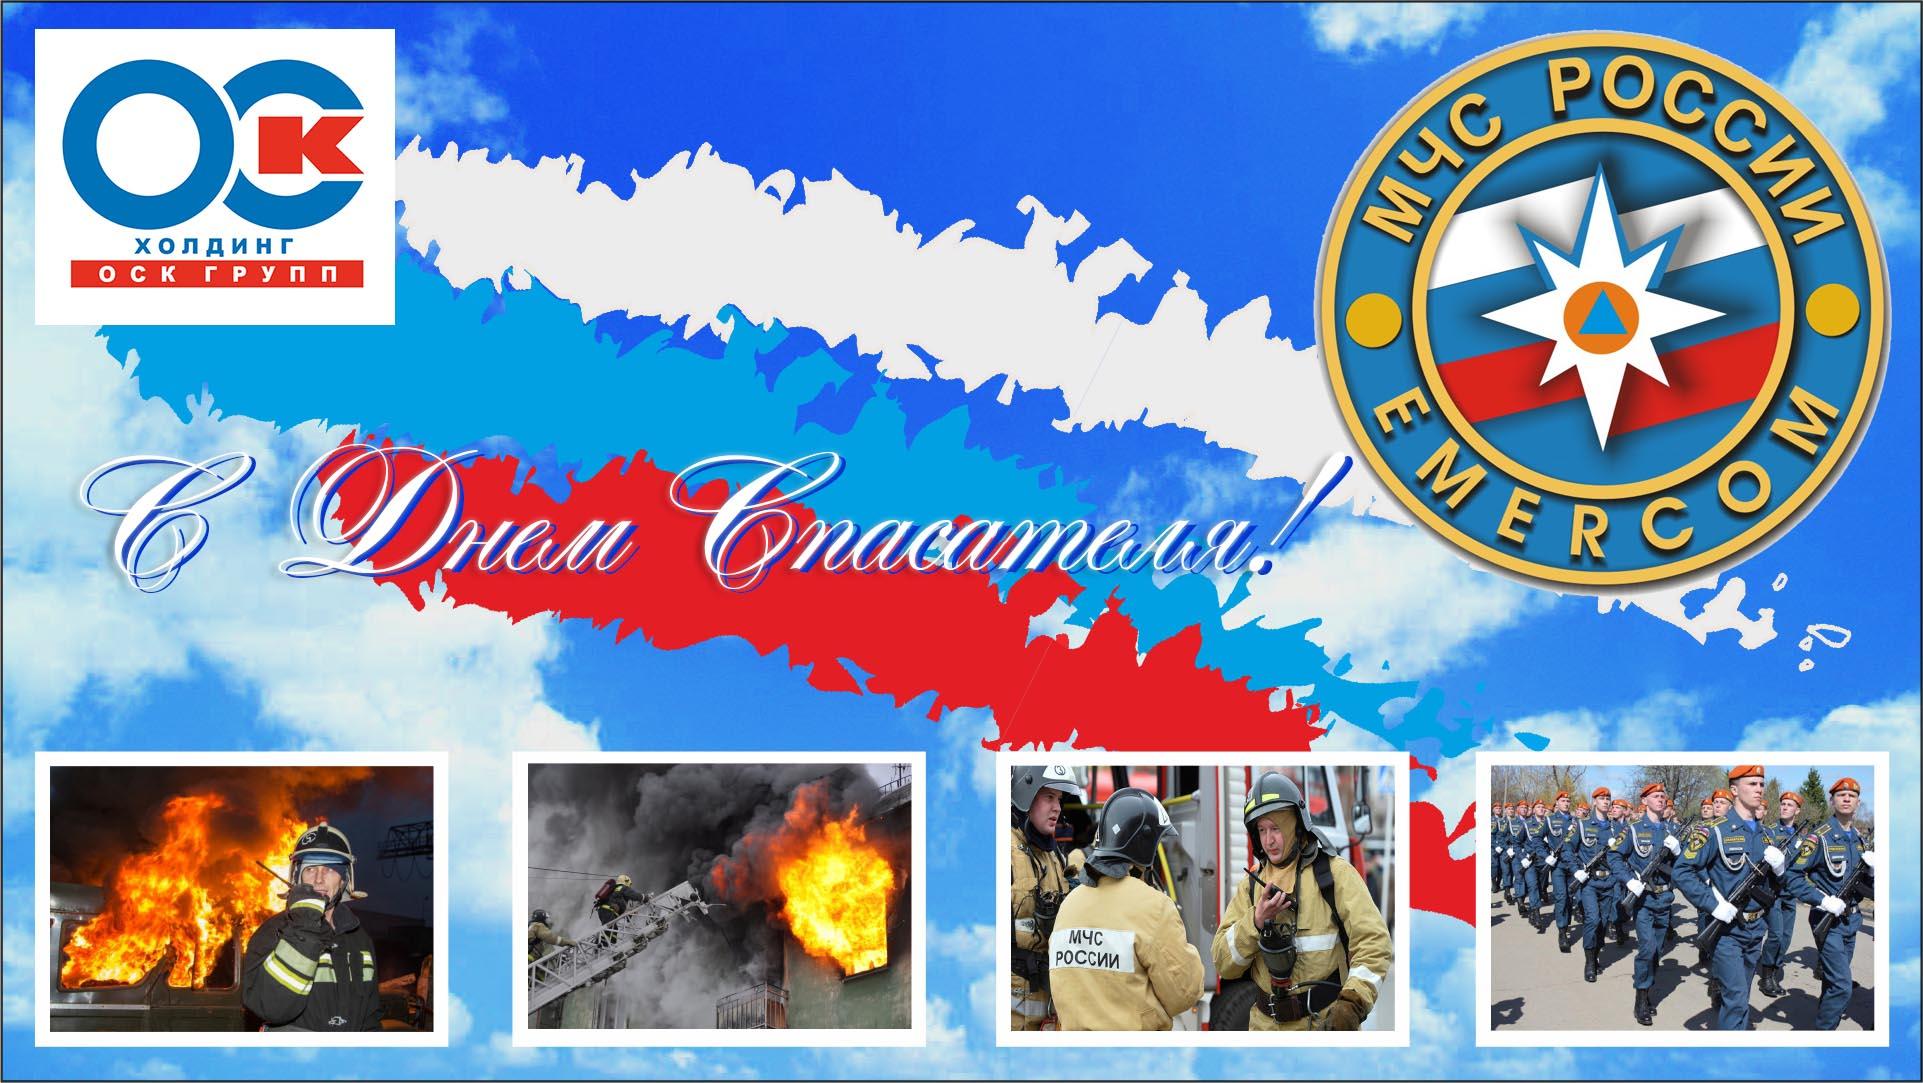 Поздравления с днем спасателя России 2018 - Поздравок 3